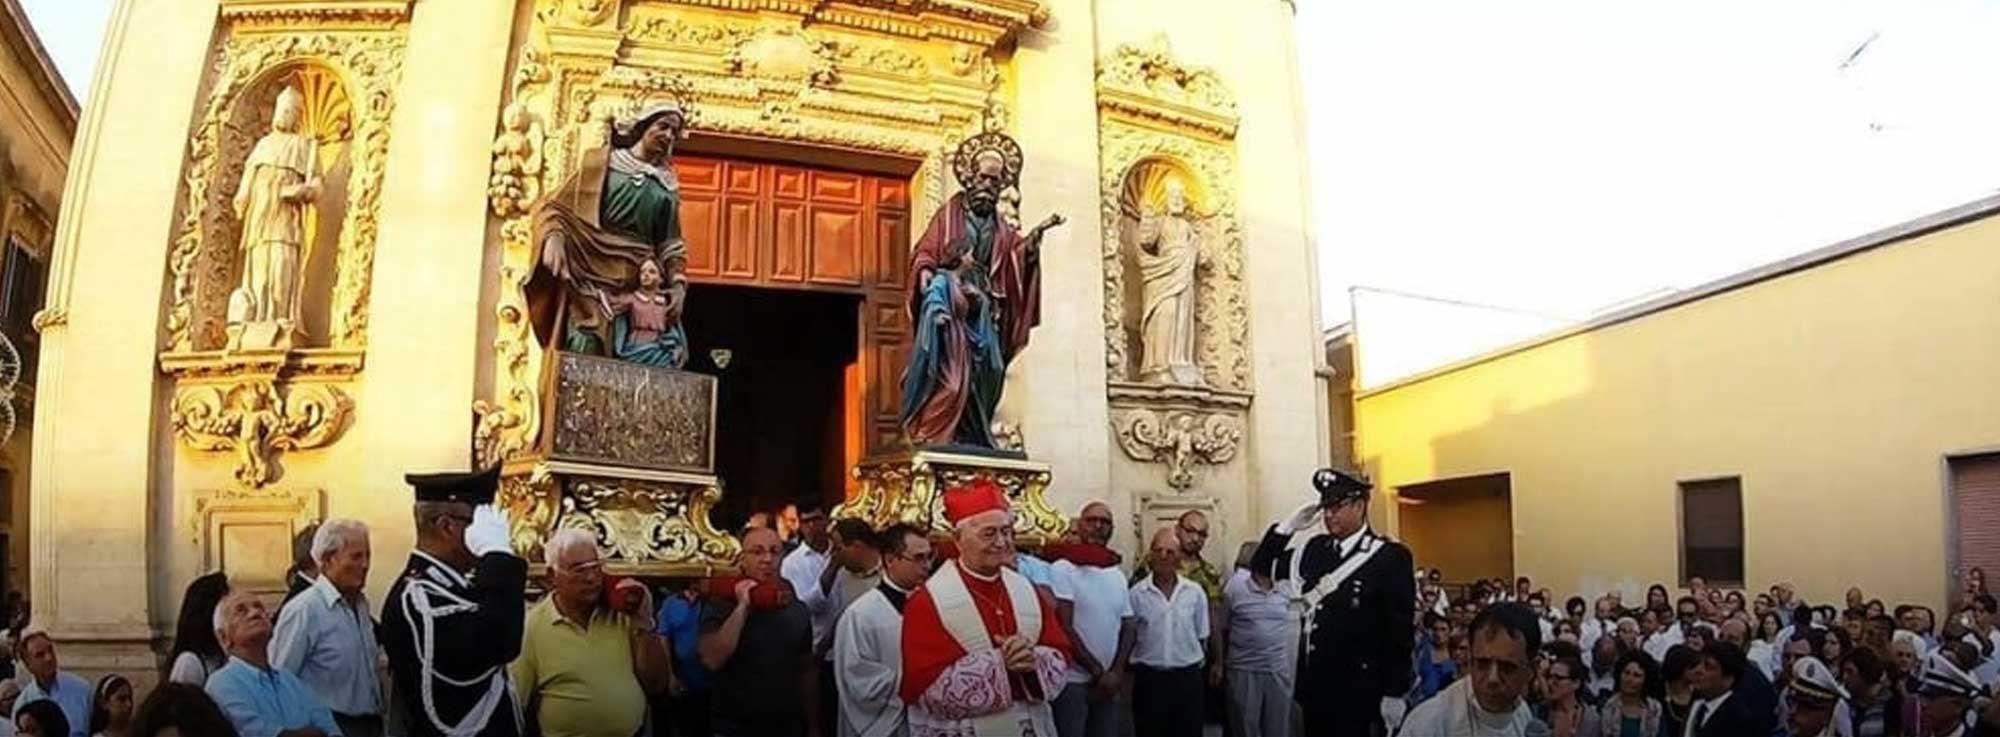 Vernole: Festa patronale - Santi Gioacchino e Anna